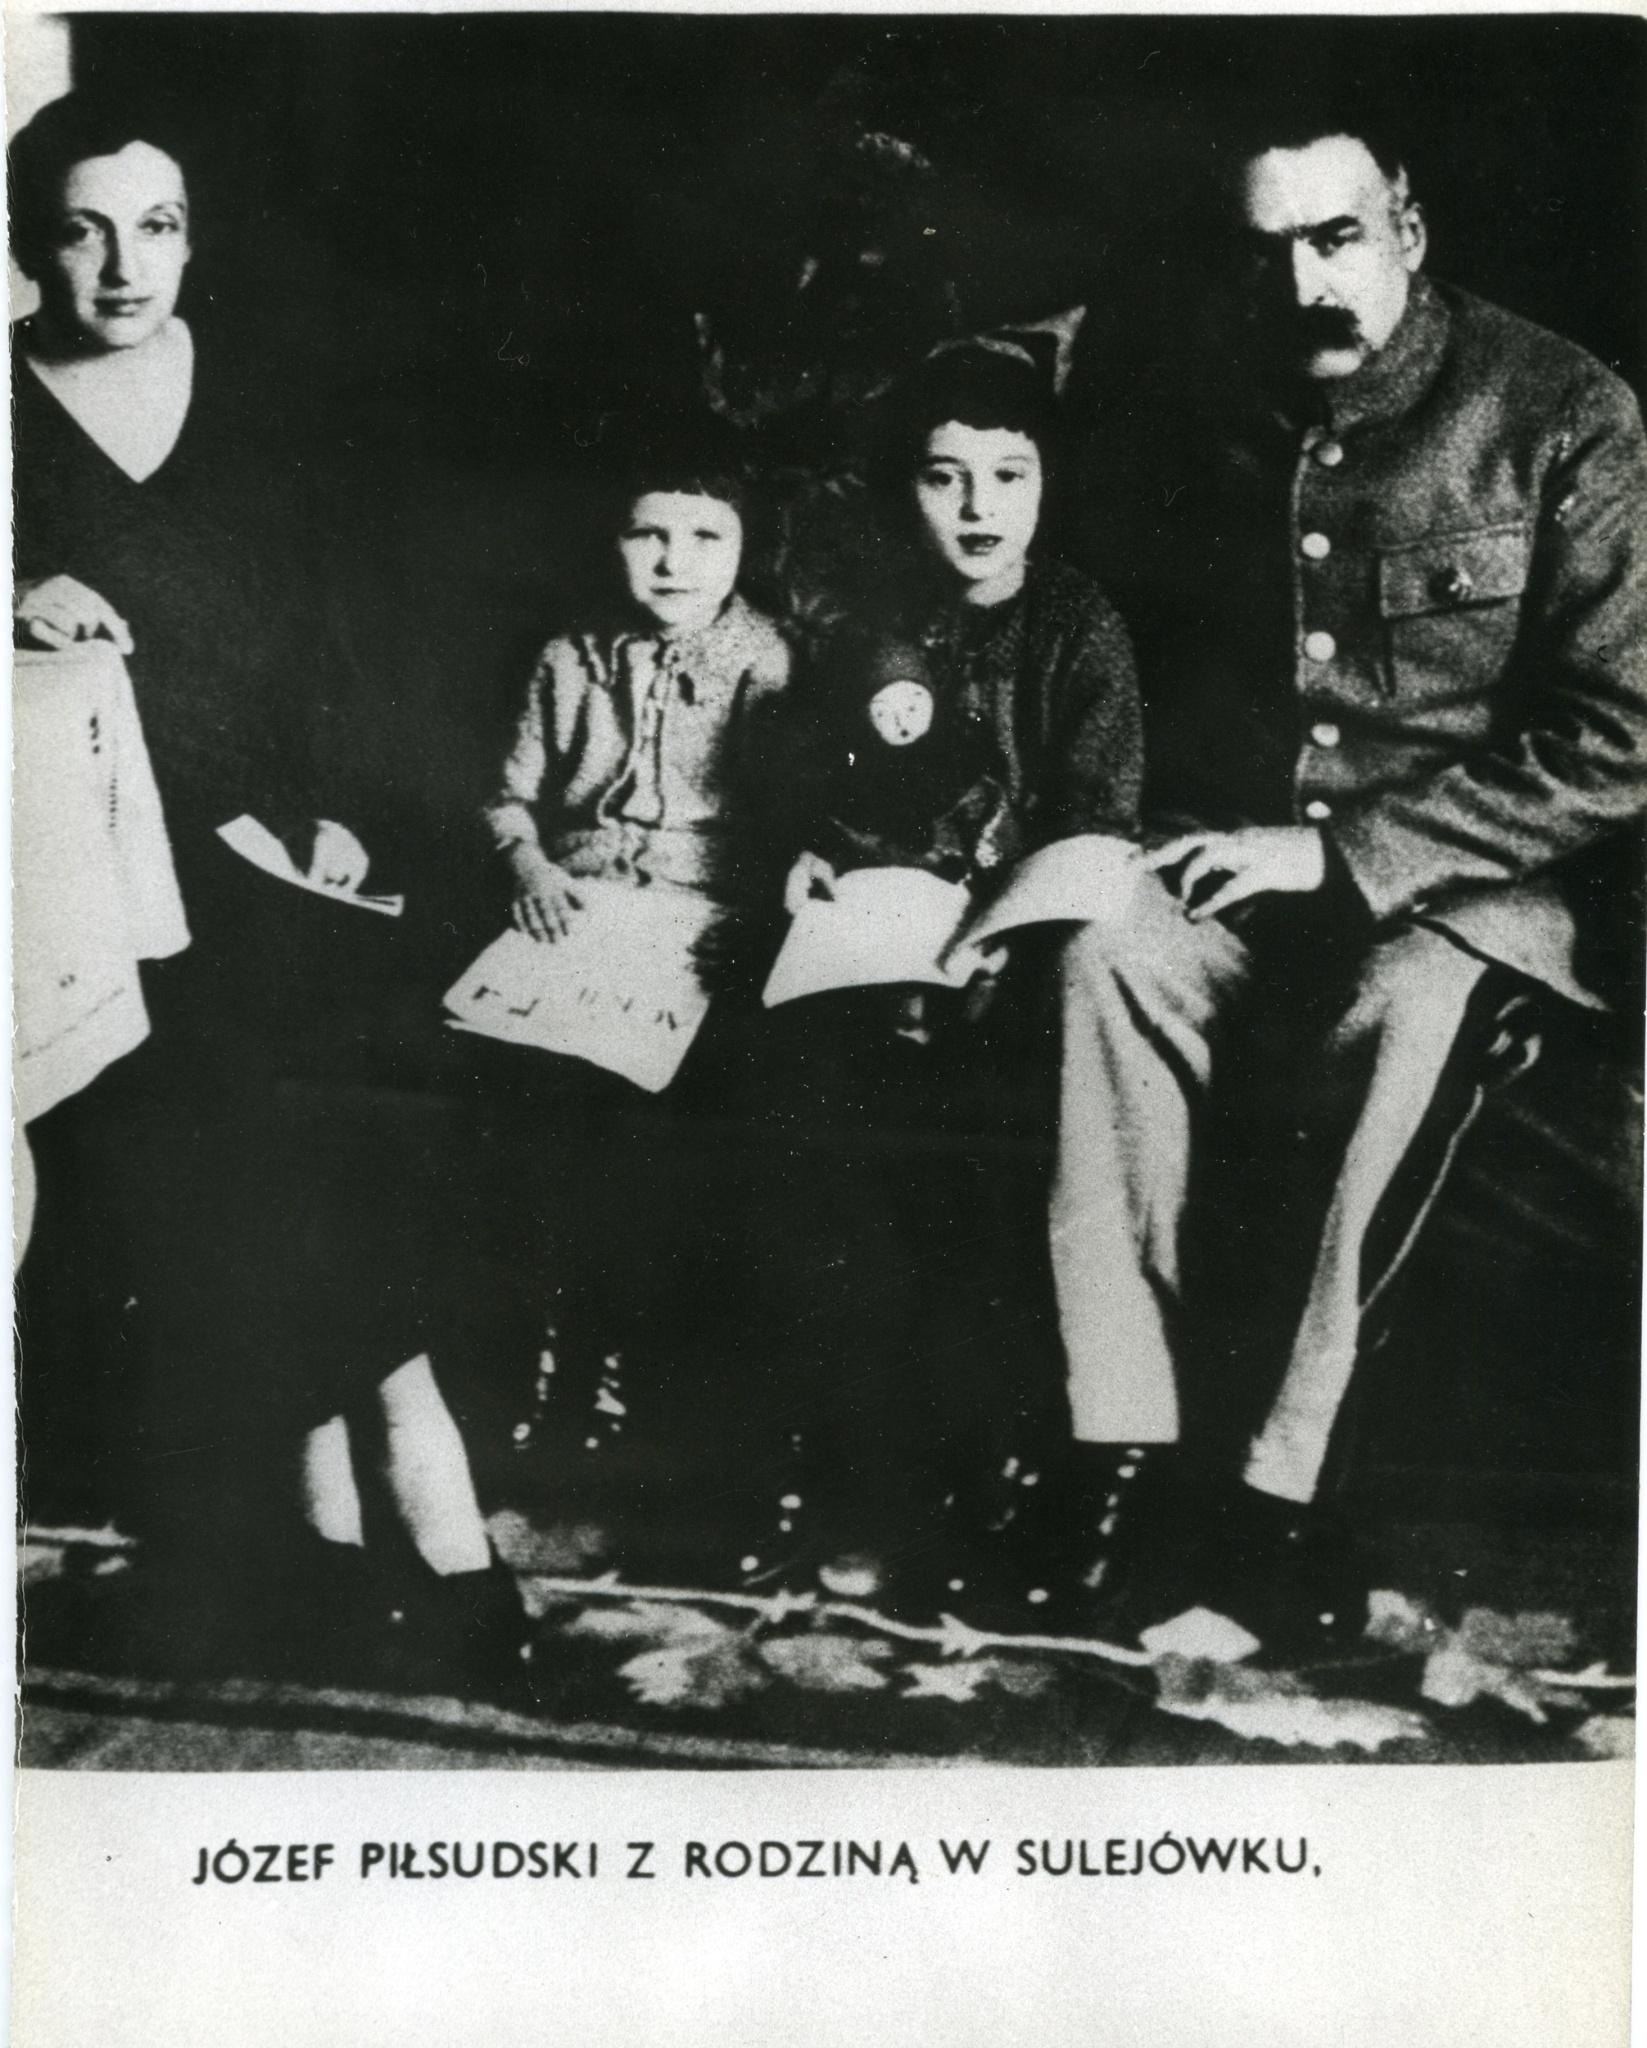 <div class='inner-box'><div class='close-desc'></div><span class='opis'>Józef Piłsudski z rodziną w Sulejówku. Widoczne: żona Aleksandra i córki Jadwiga oraz Wanda.</span><div class='clearfix'></div><span>Cote du document FIL03175</span><div class='clearfix'></div><span>© Instytut Literacki</span></div>